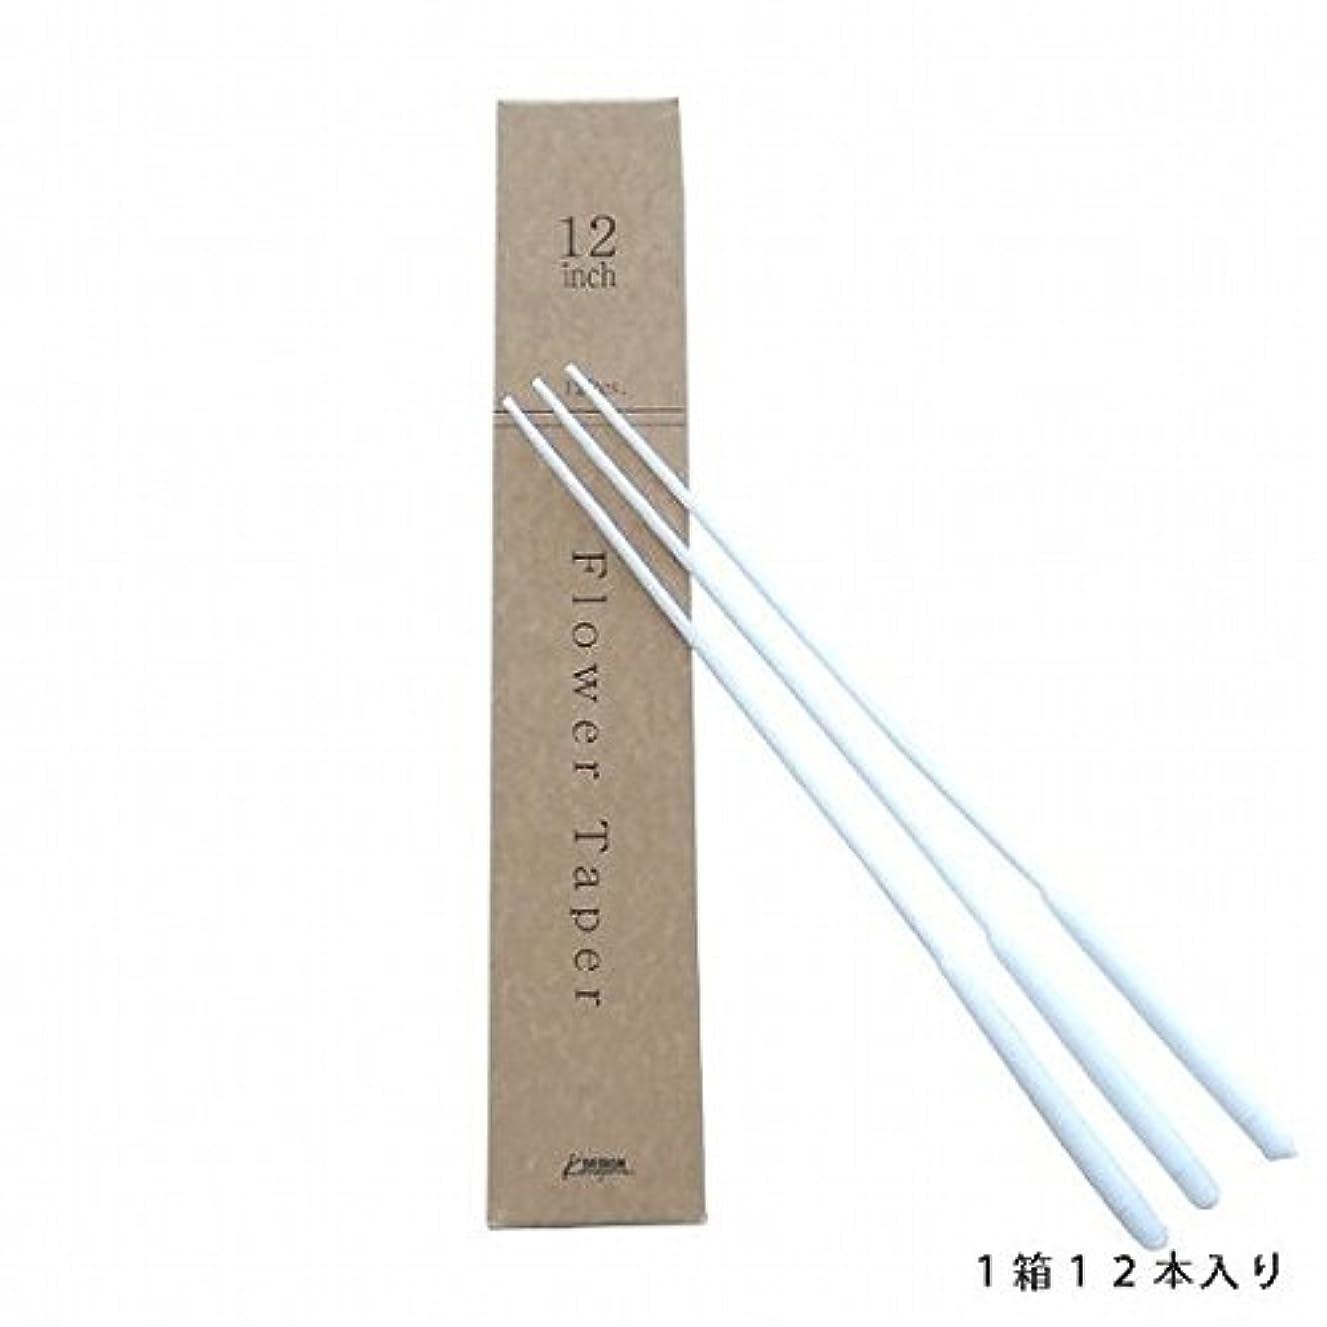 セールスマン請負業者ペルセウスkameyama candle(カメヤマキャンドル) 12インチトーチ用フラワーテーパー12本入 「 ホワイト 」(72339900W)